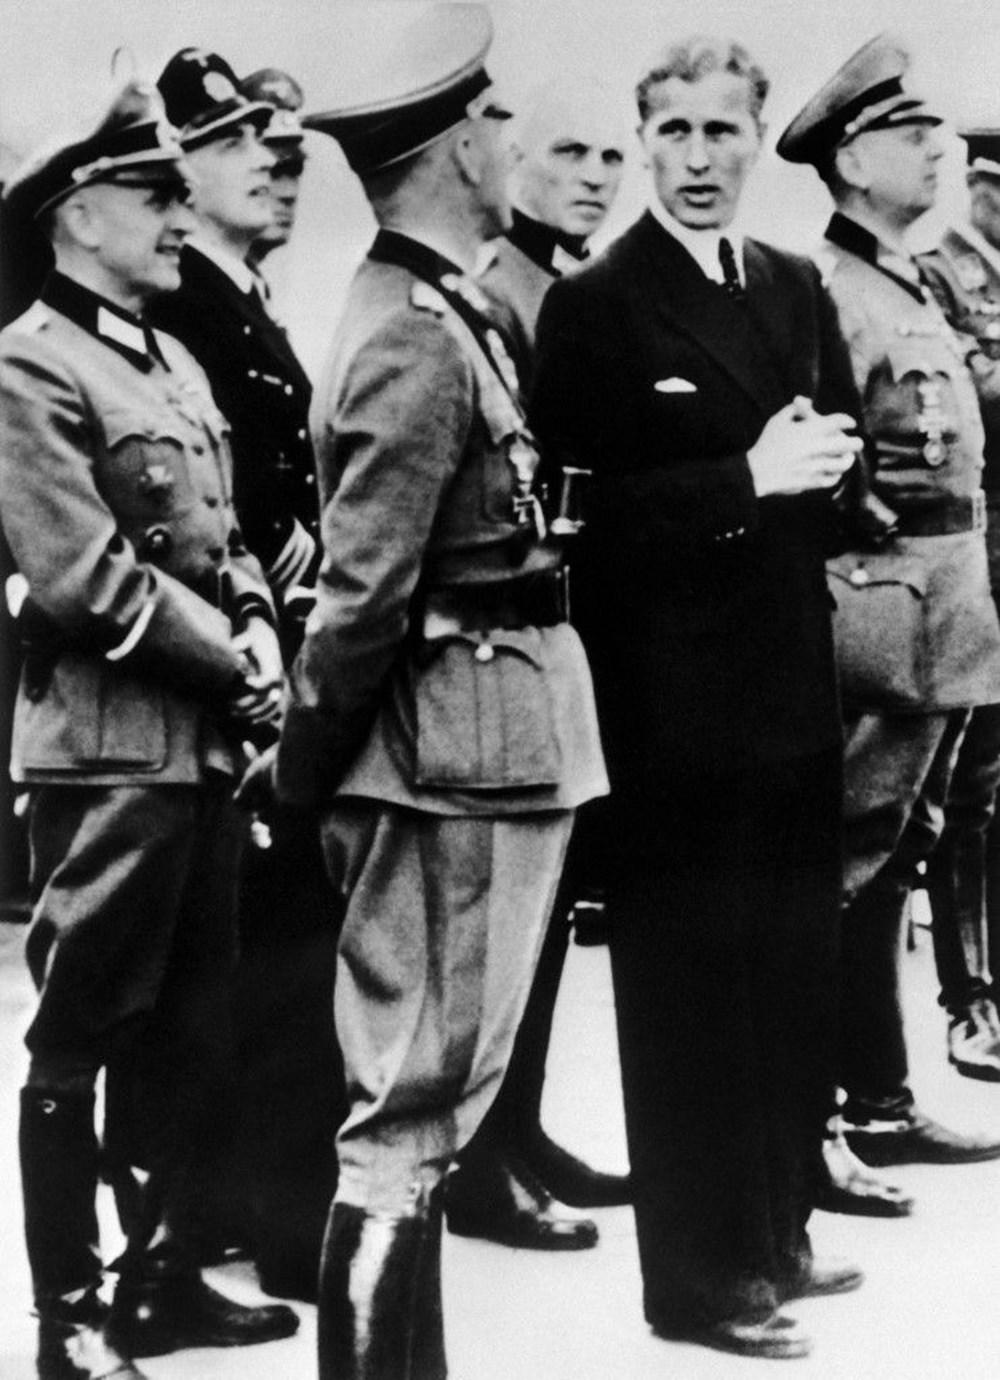 Naziler tarafından geliştirilen tarihteki ilk süpersonik silahın kalıntıları bulundu: Ses hızının beş katına ulaşabiliyordu - 2